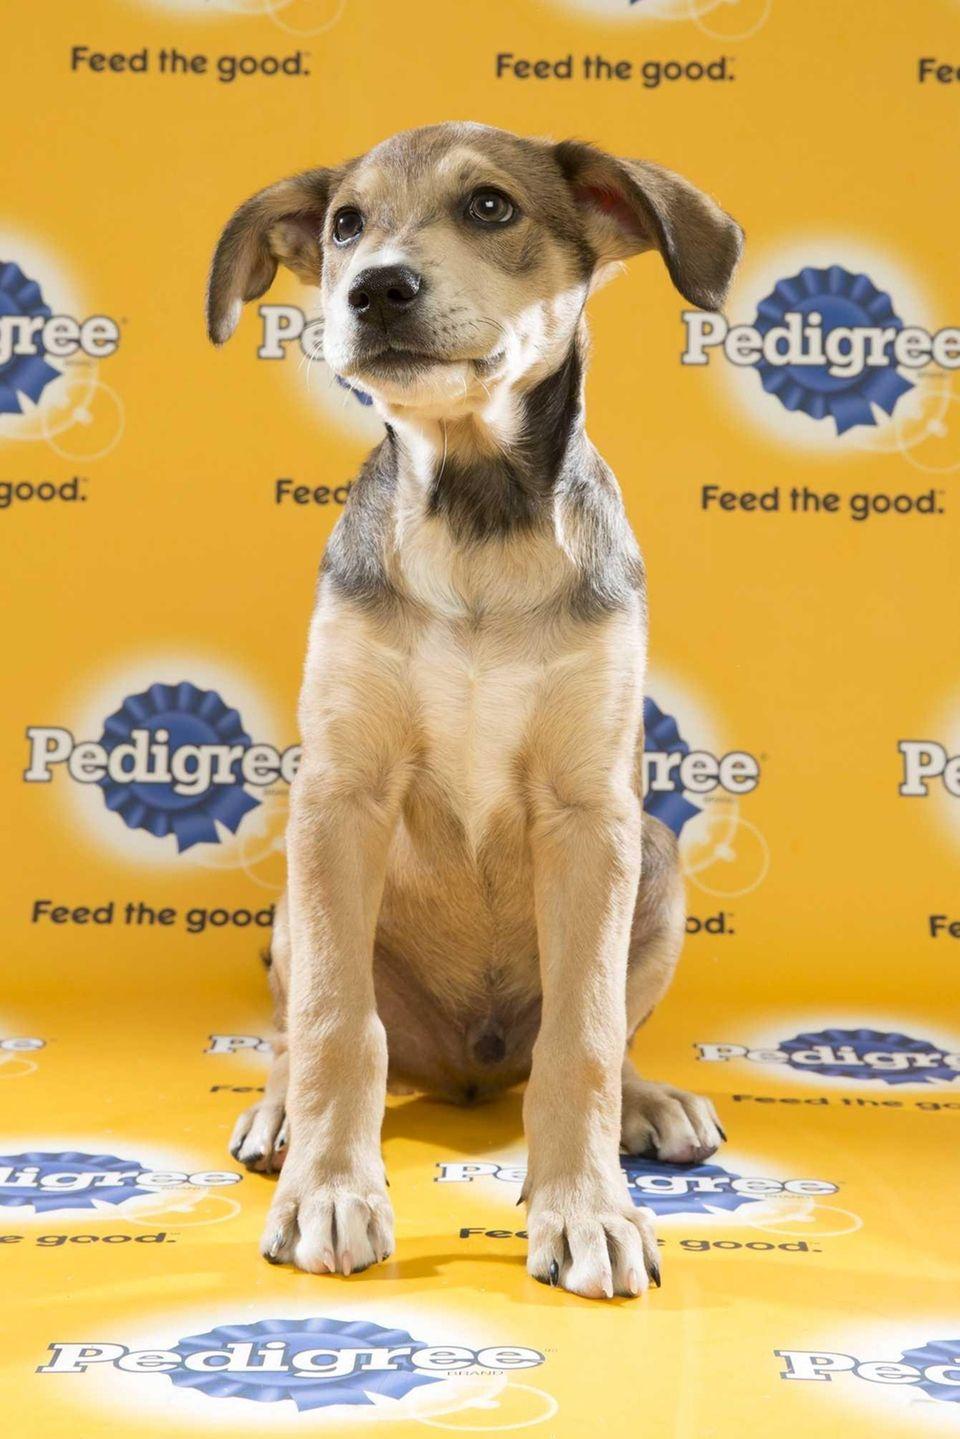 Tate (Team Ruff) is a 14-week-old female beagle